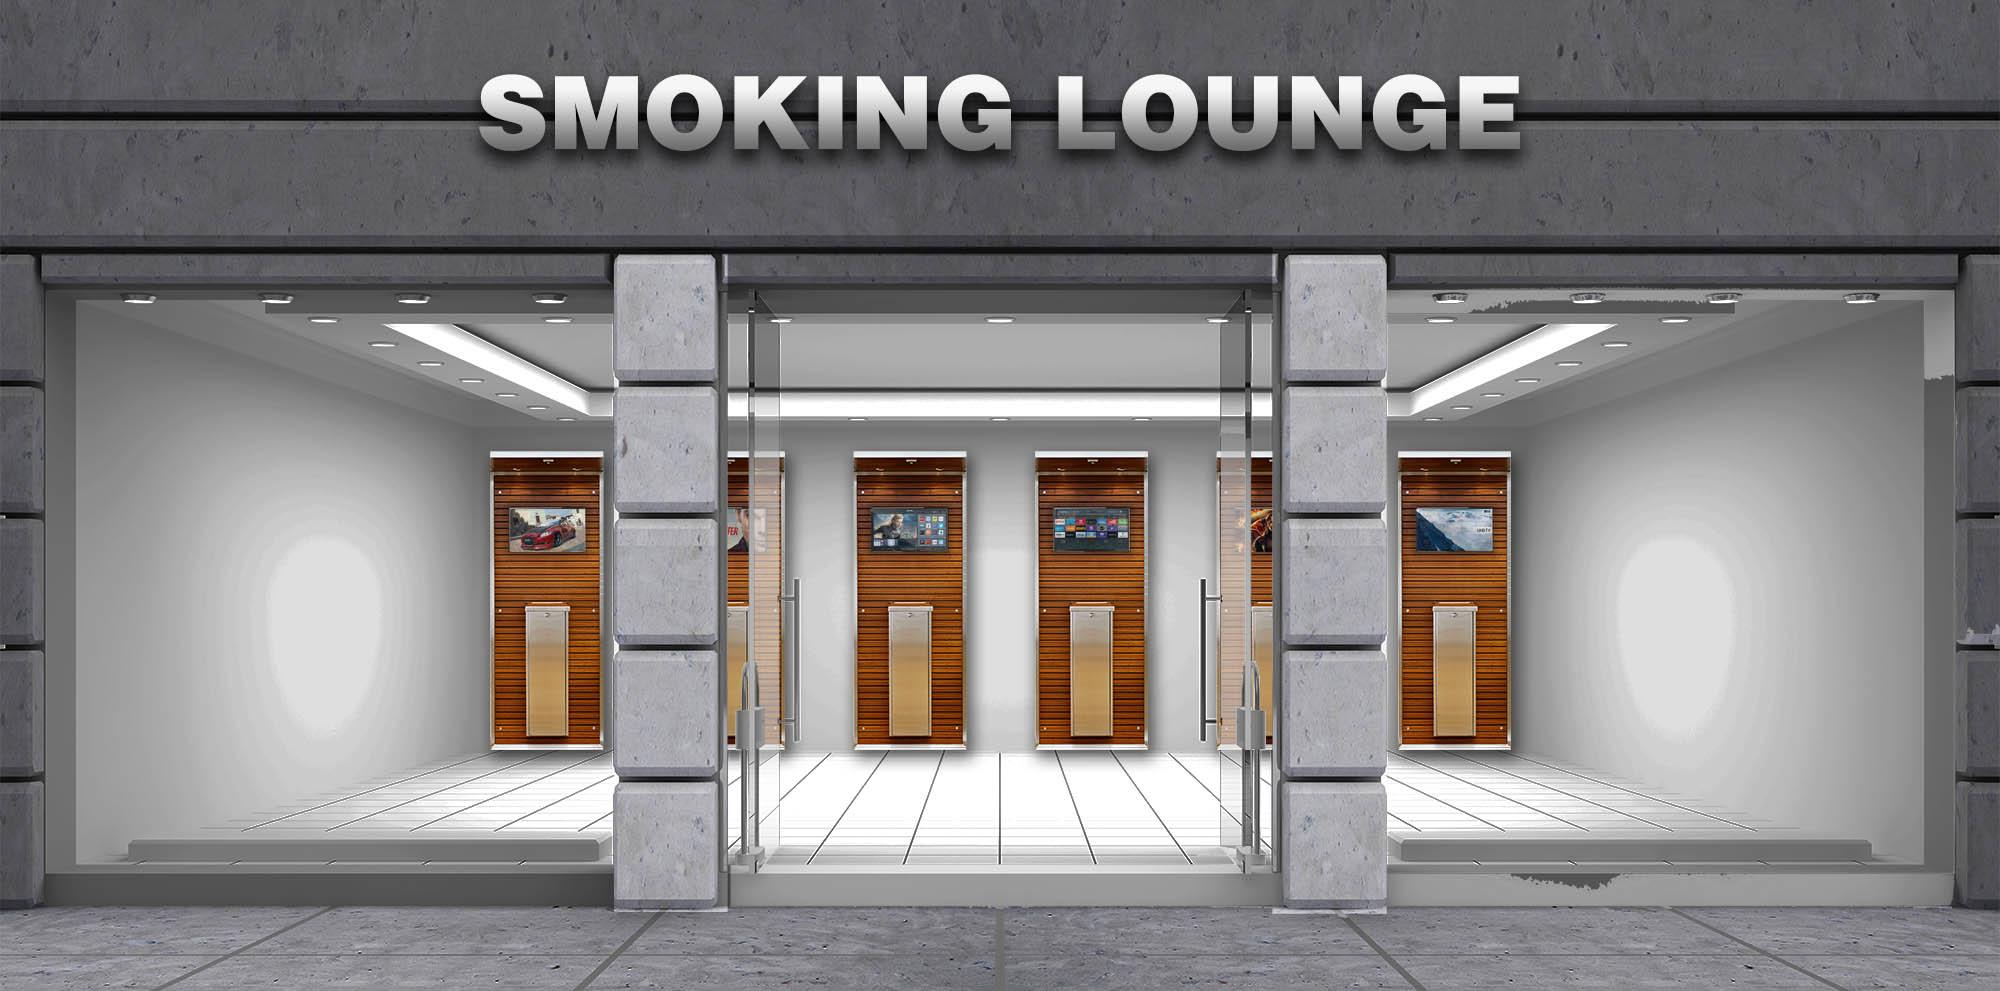 Smoking Lounge